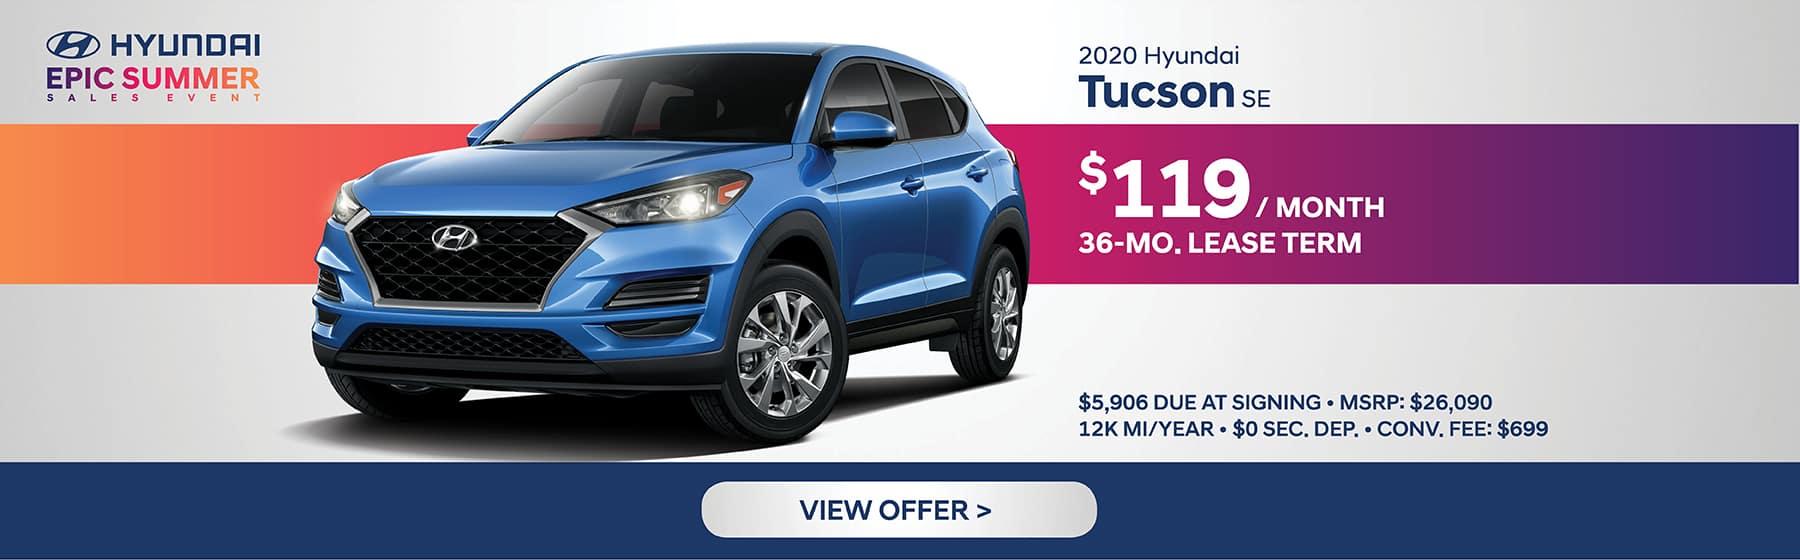 2020 Tucson